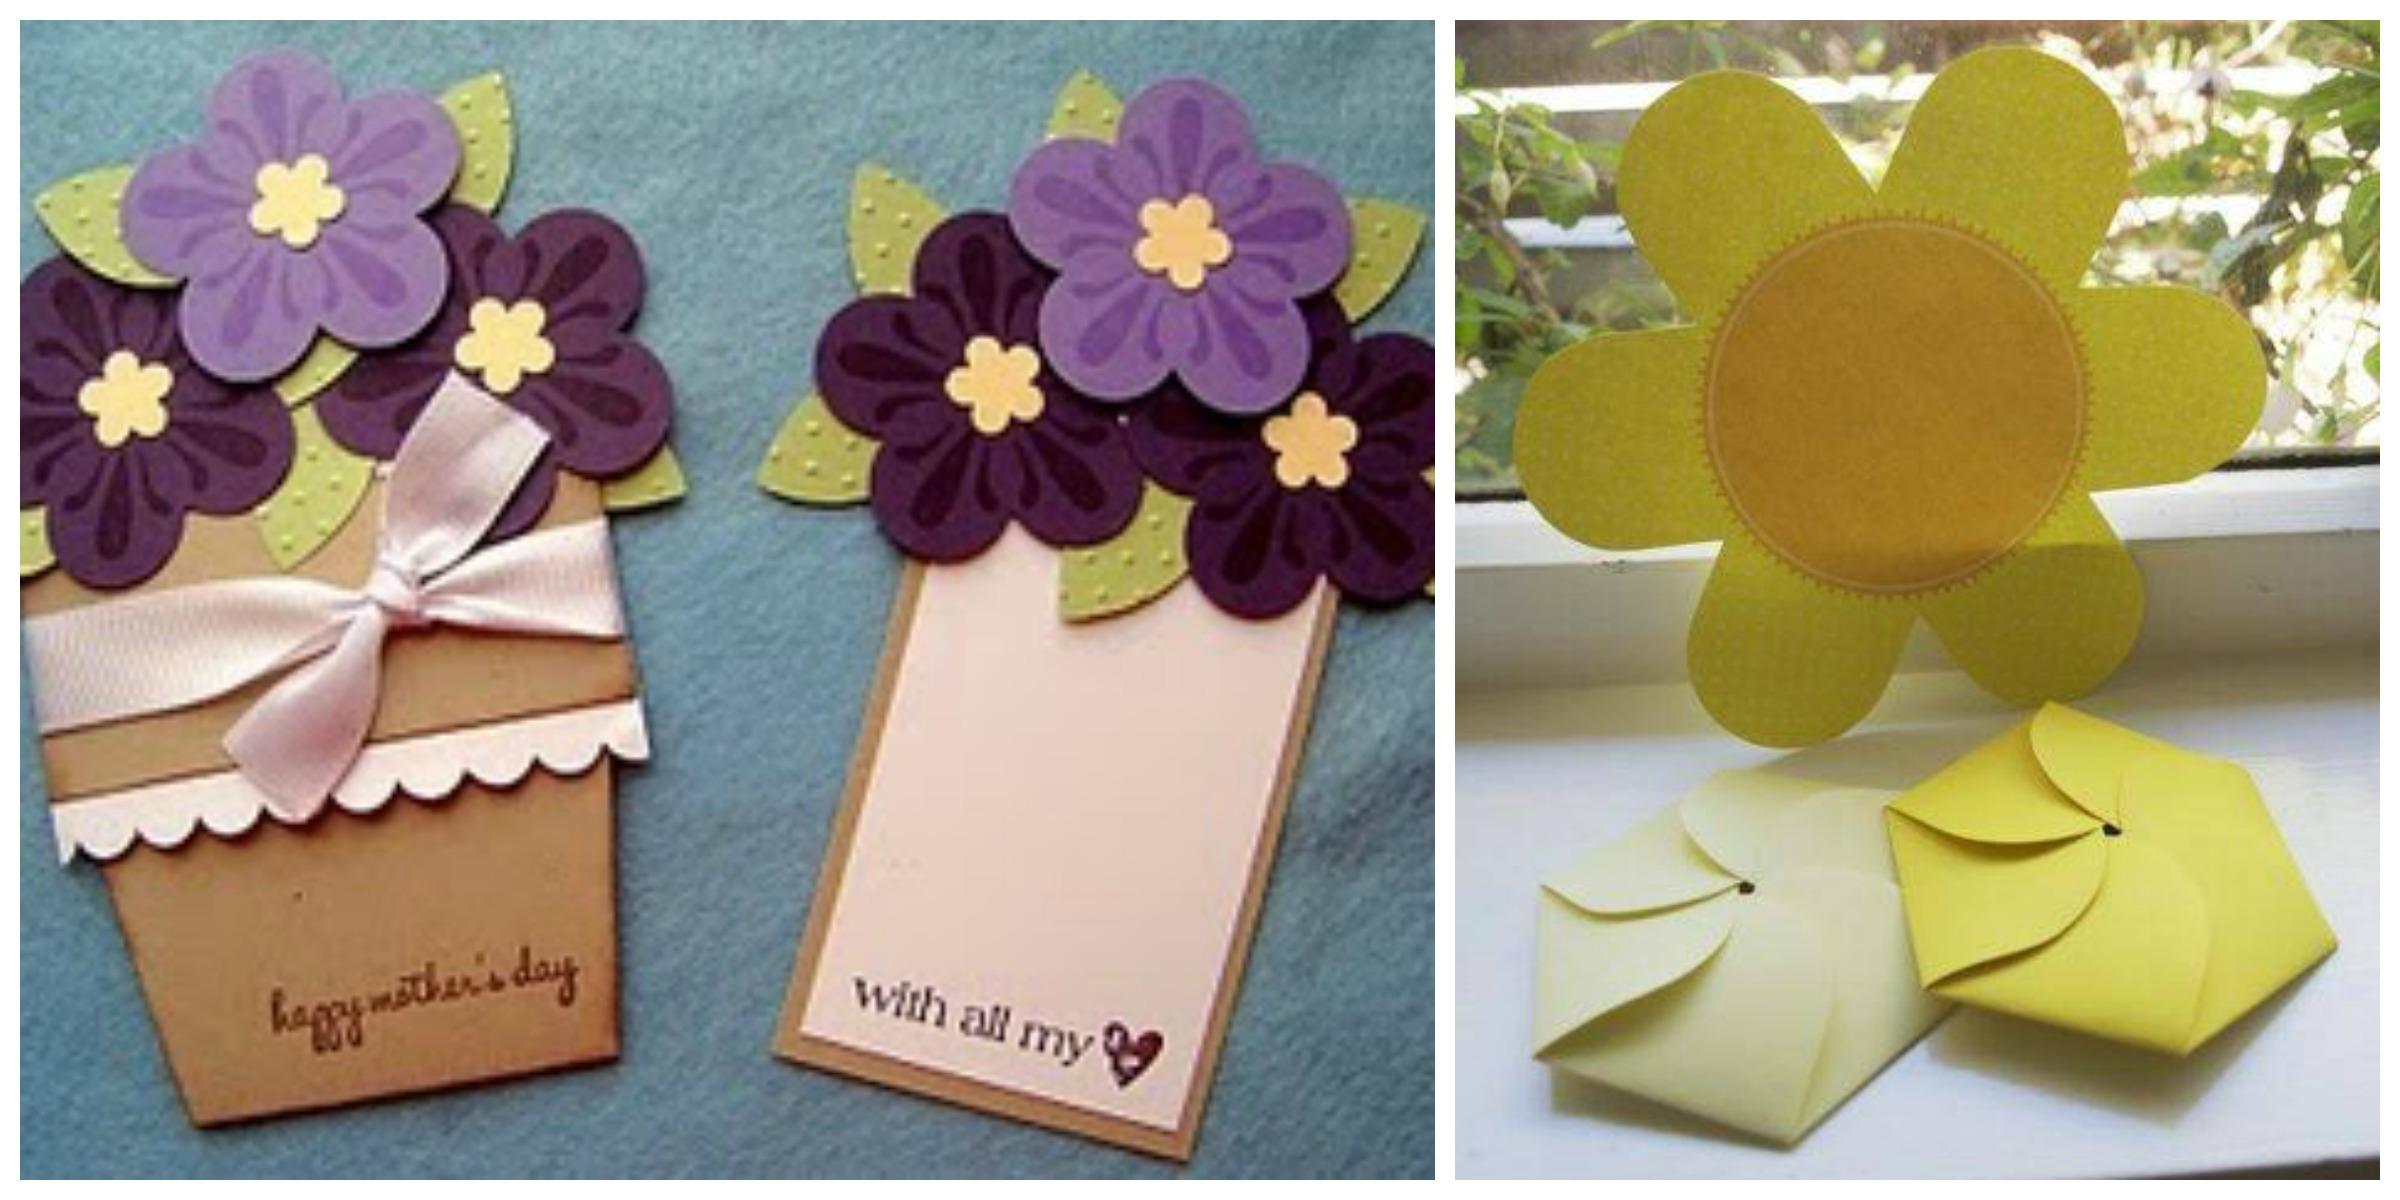 ideias para aniversario jardim encantado:ideias de convites faça você mesmo no primeiro as florzinhas saem de